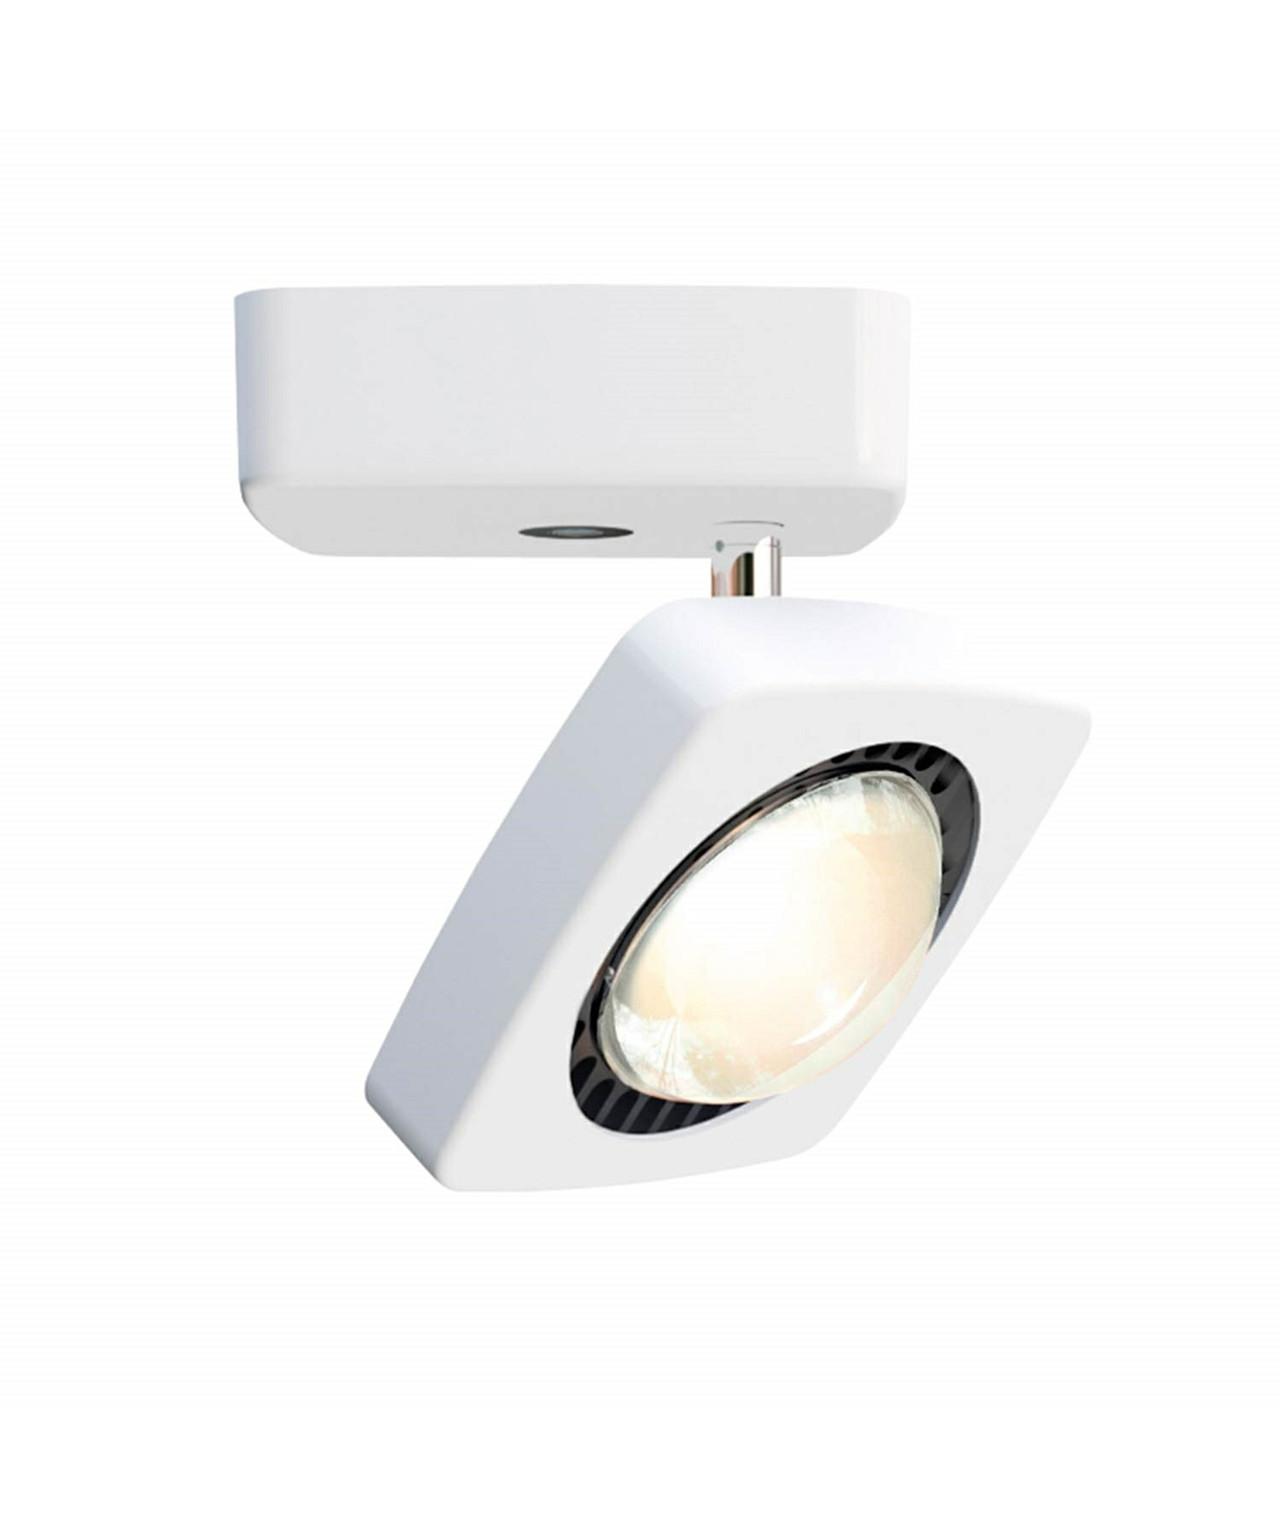 Kelveen loftlampe/væglampe monted turnable 90°